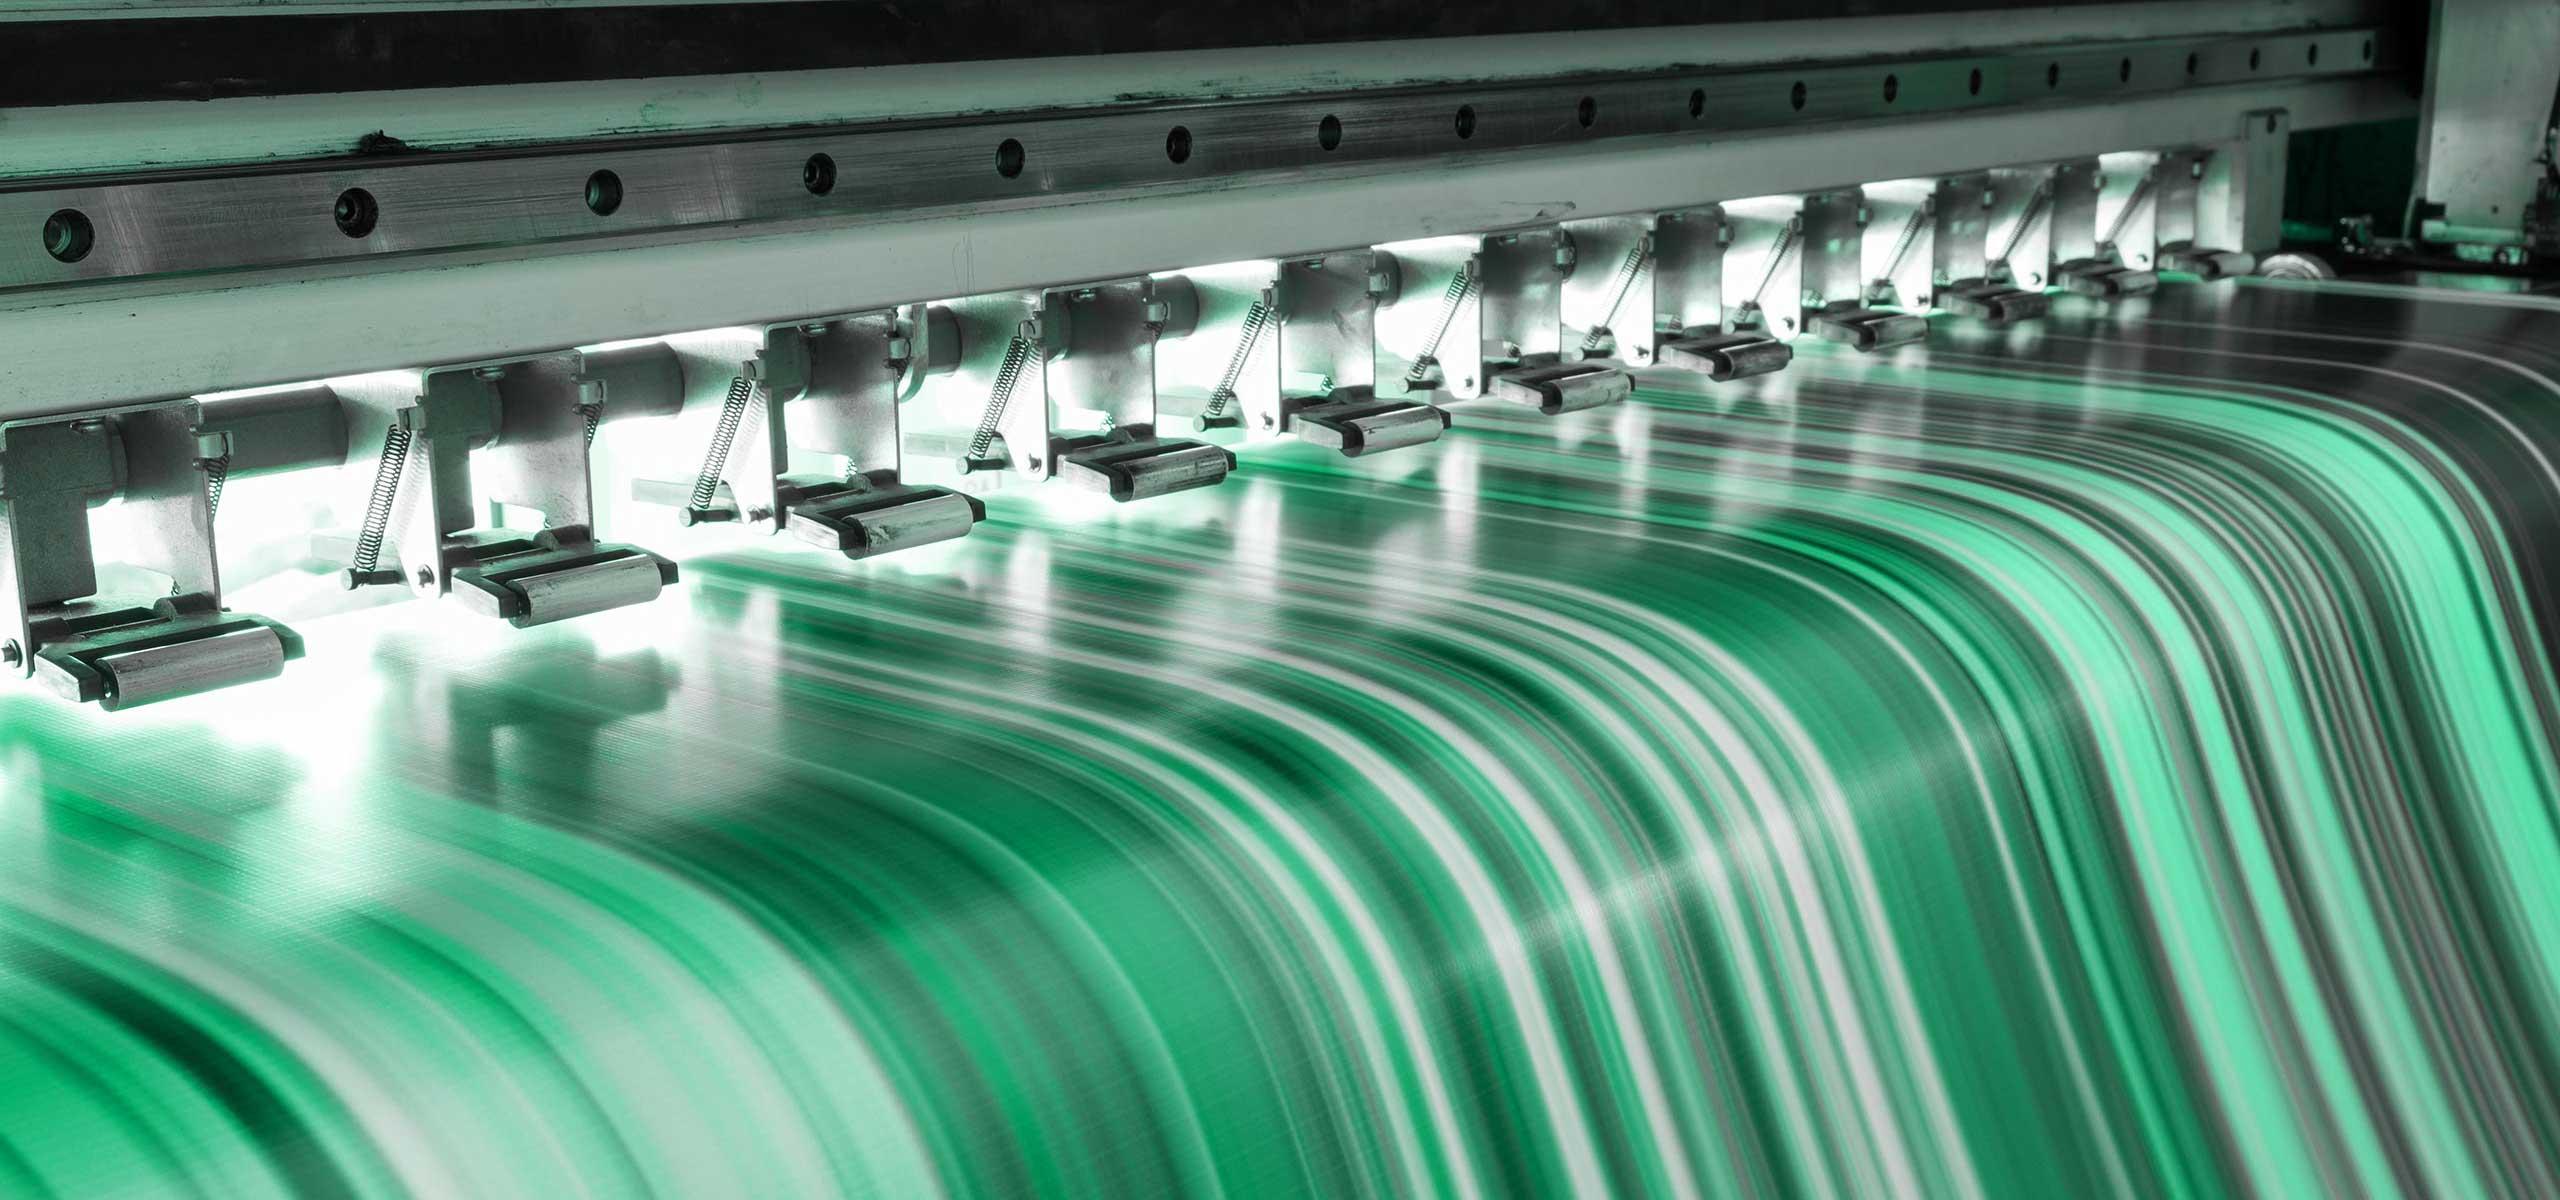 Large format printer printing in full color.